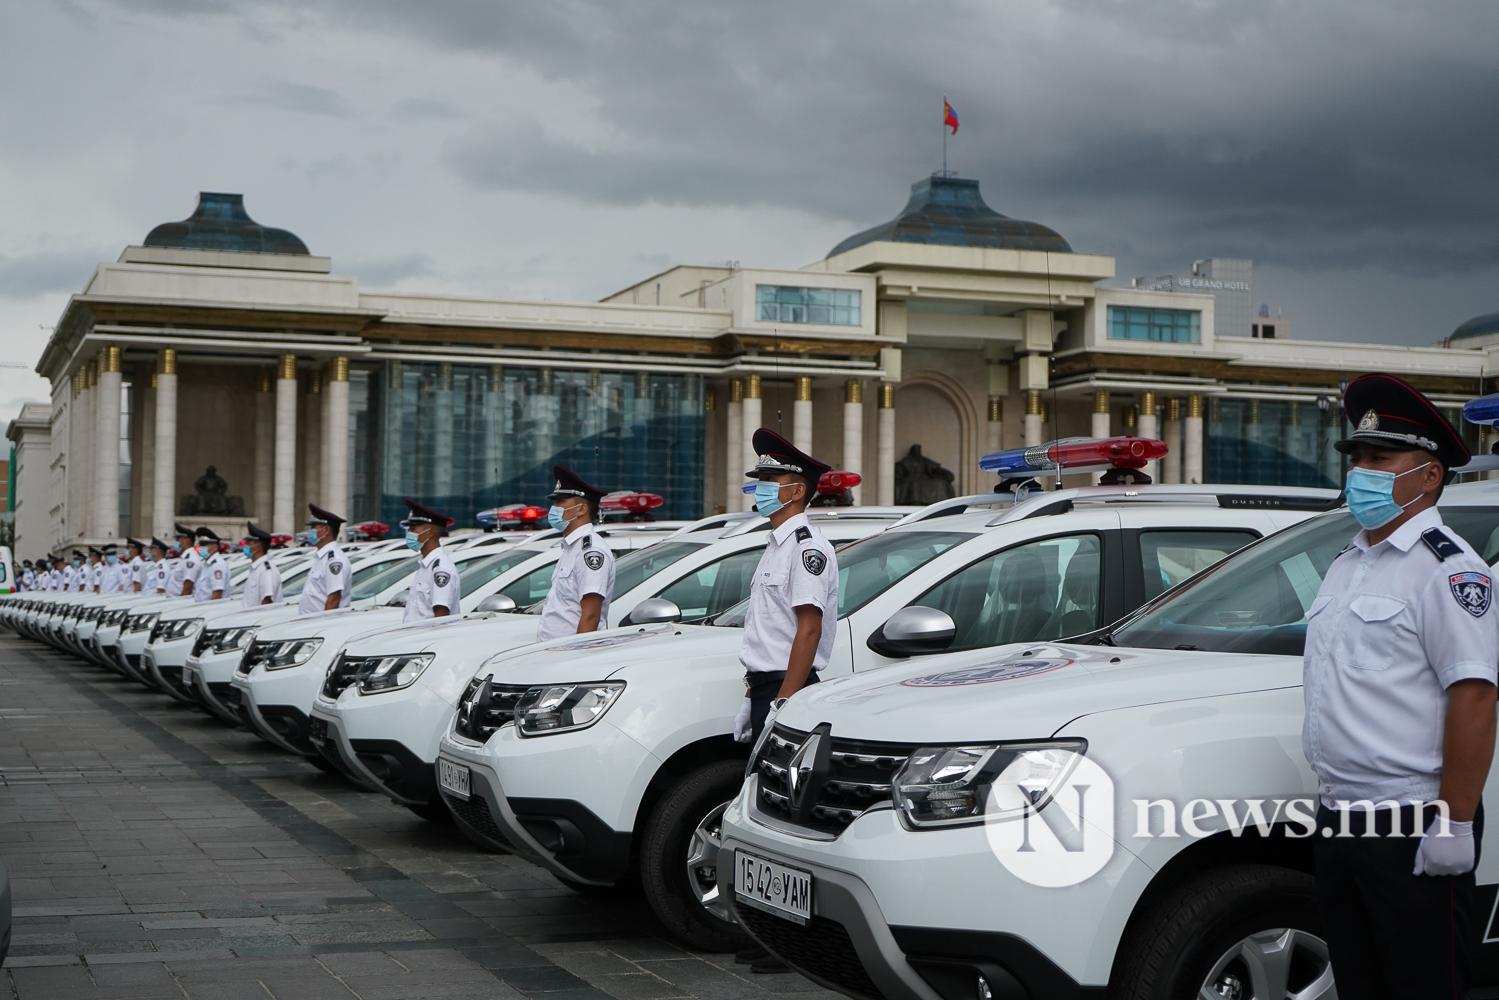 Нийслэлийн эрүүл мэнд, цагдаагийн байгууллагад 92 автомашин гардуулж байна (13 of 45)